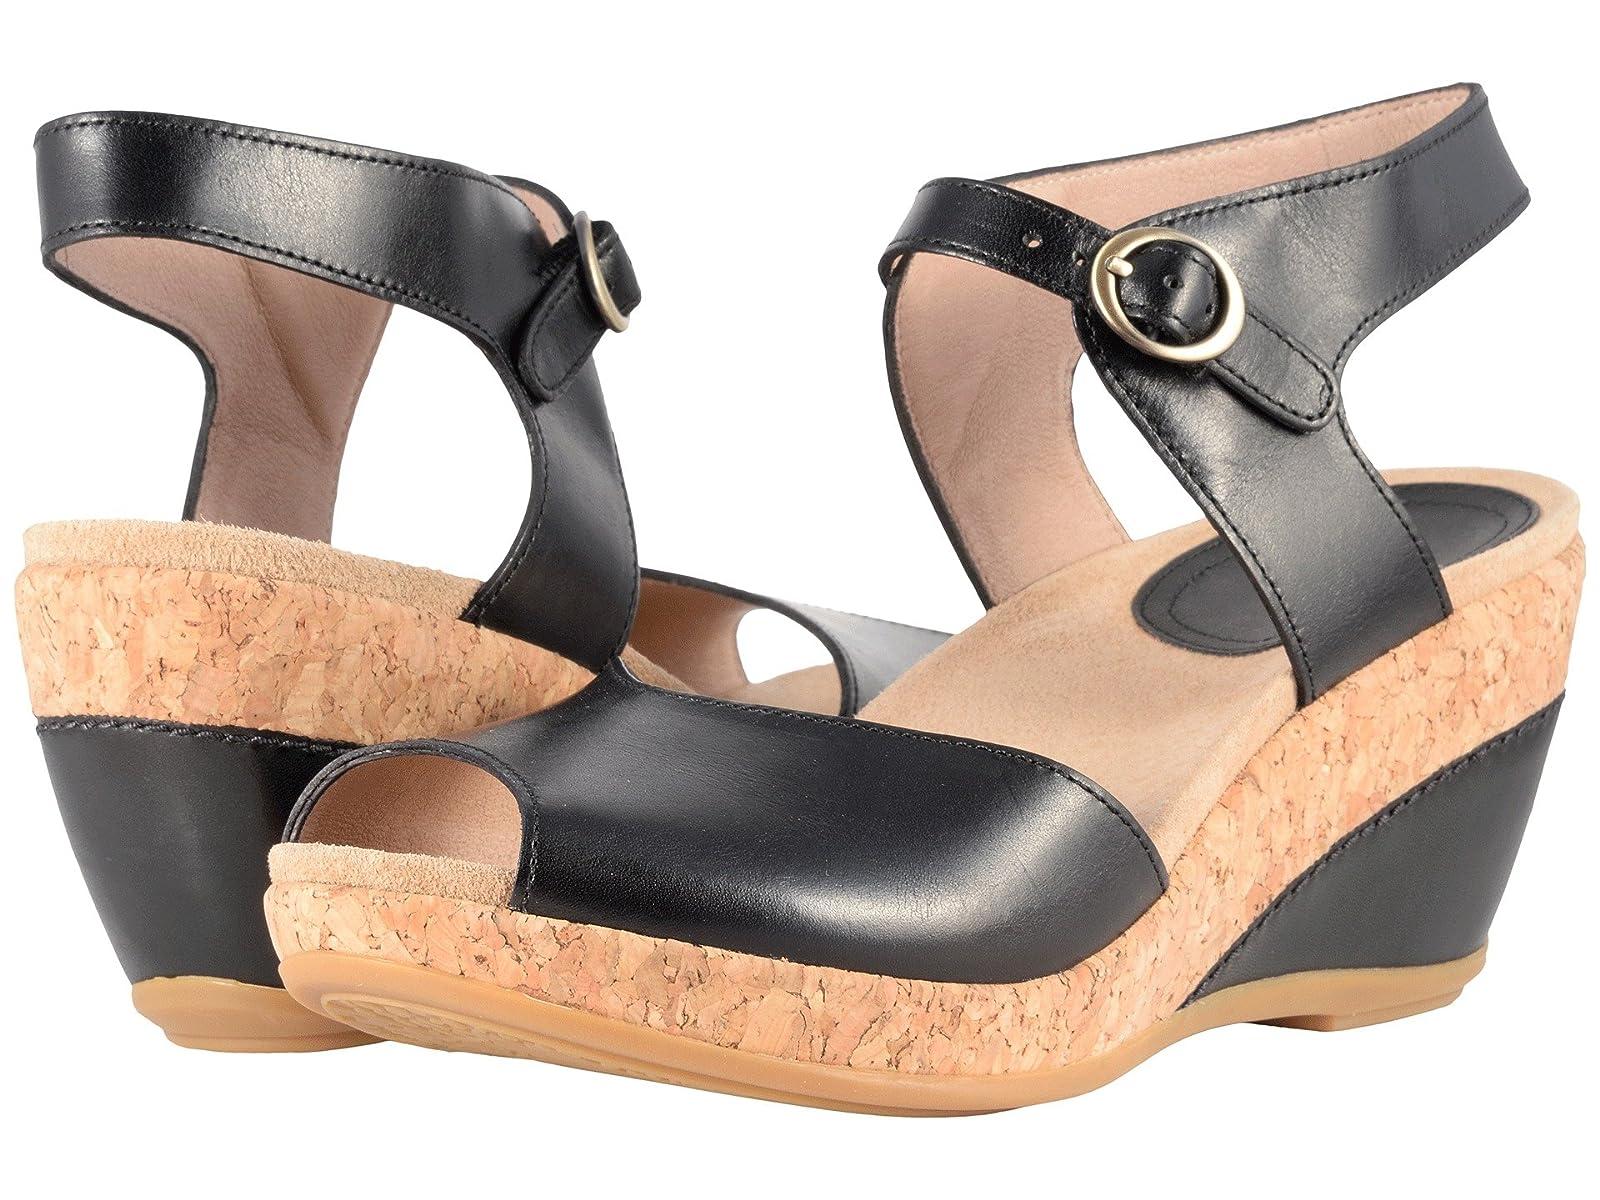 Dansko CharlotteAtmospheric grades have affordable shoes